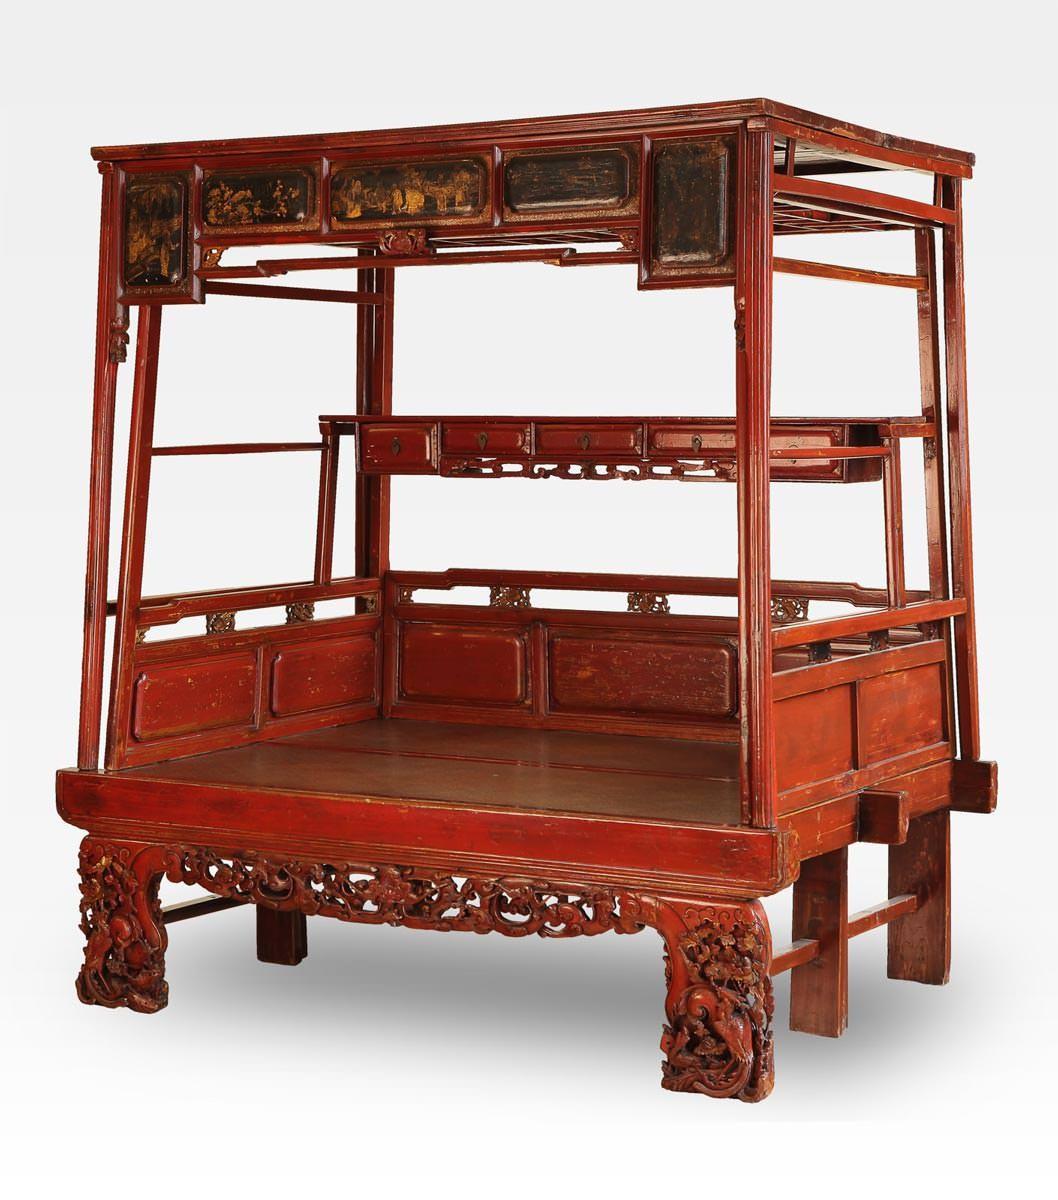 Letto cinese a baldacchino rosso intagliato legno di - Letto a baldacchino antico ...